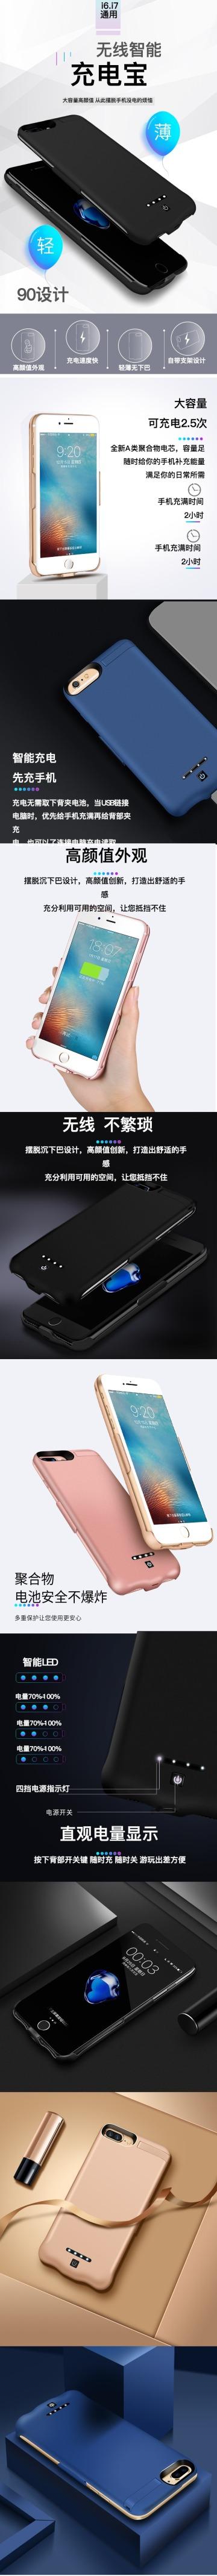 简约时尚手机壳充电宝电商活动详情图